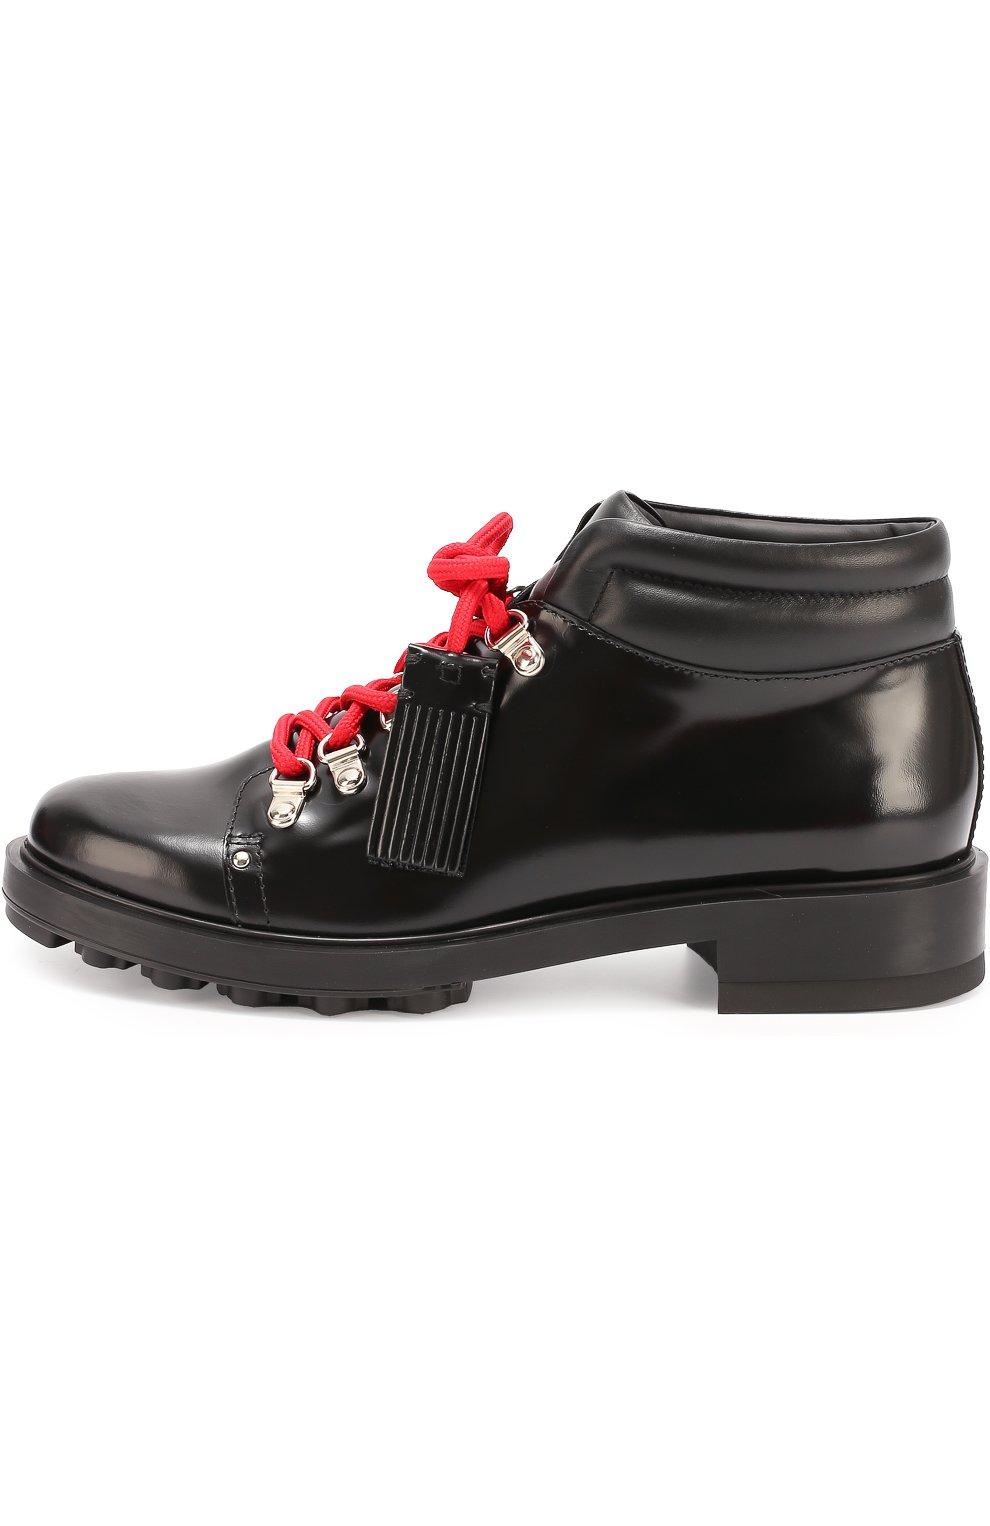 Кожаные ботинки на шнуровке с декором | Фото №1